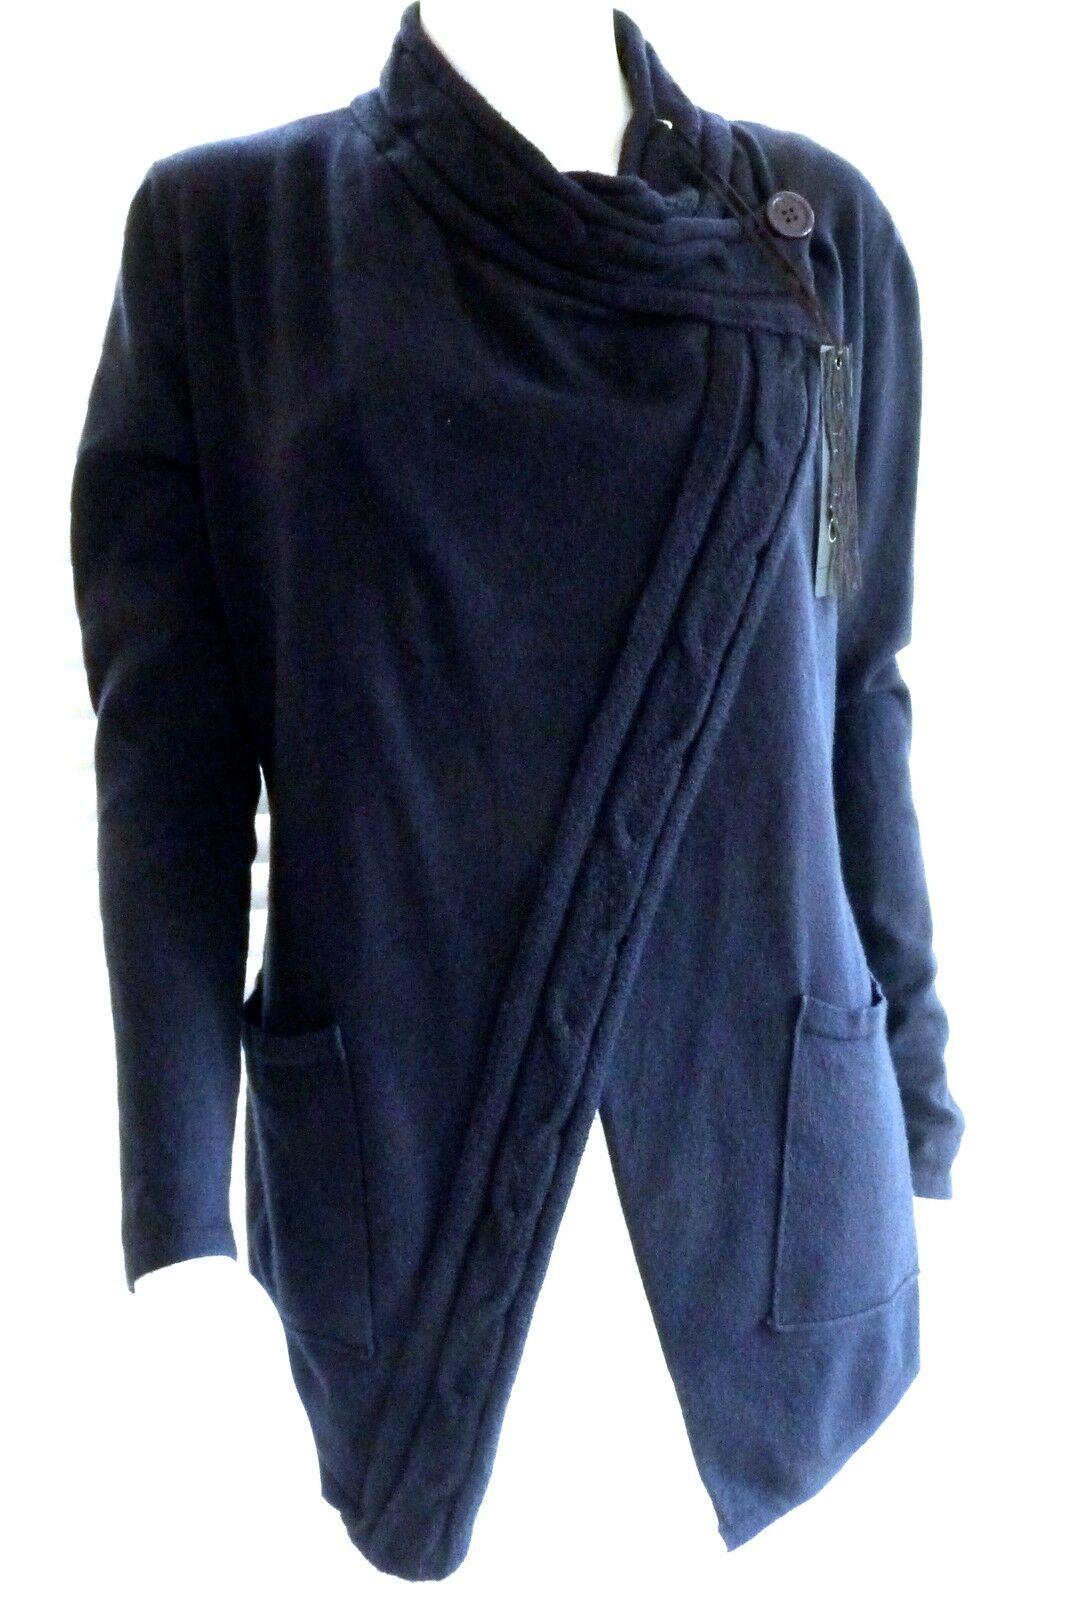 Cavo deliziosamente Soft Knit Cardigan con Cachemire-carisse